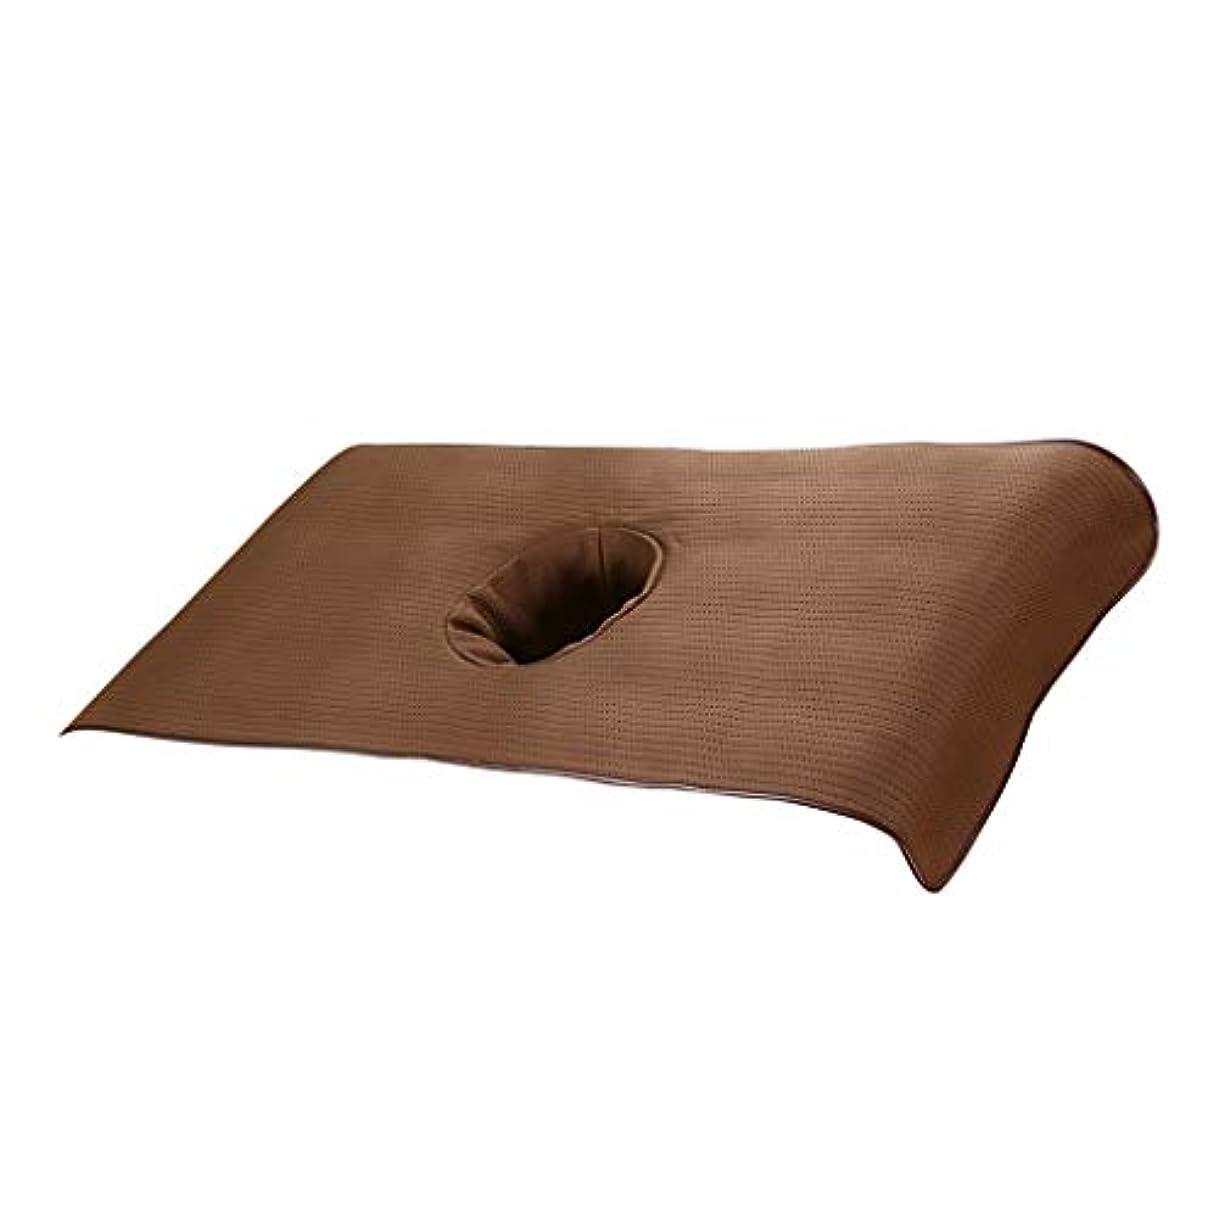 キーひまわり青柔らかい スパ マッサージベッドカバー ベッドカバーシート 通気性 - 褐色